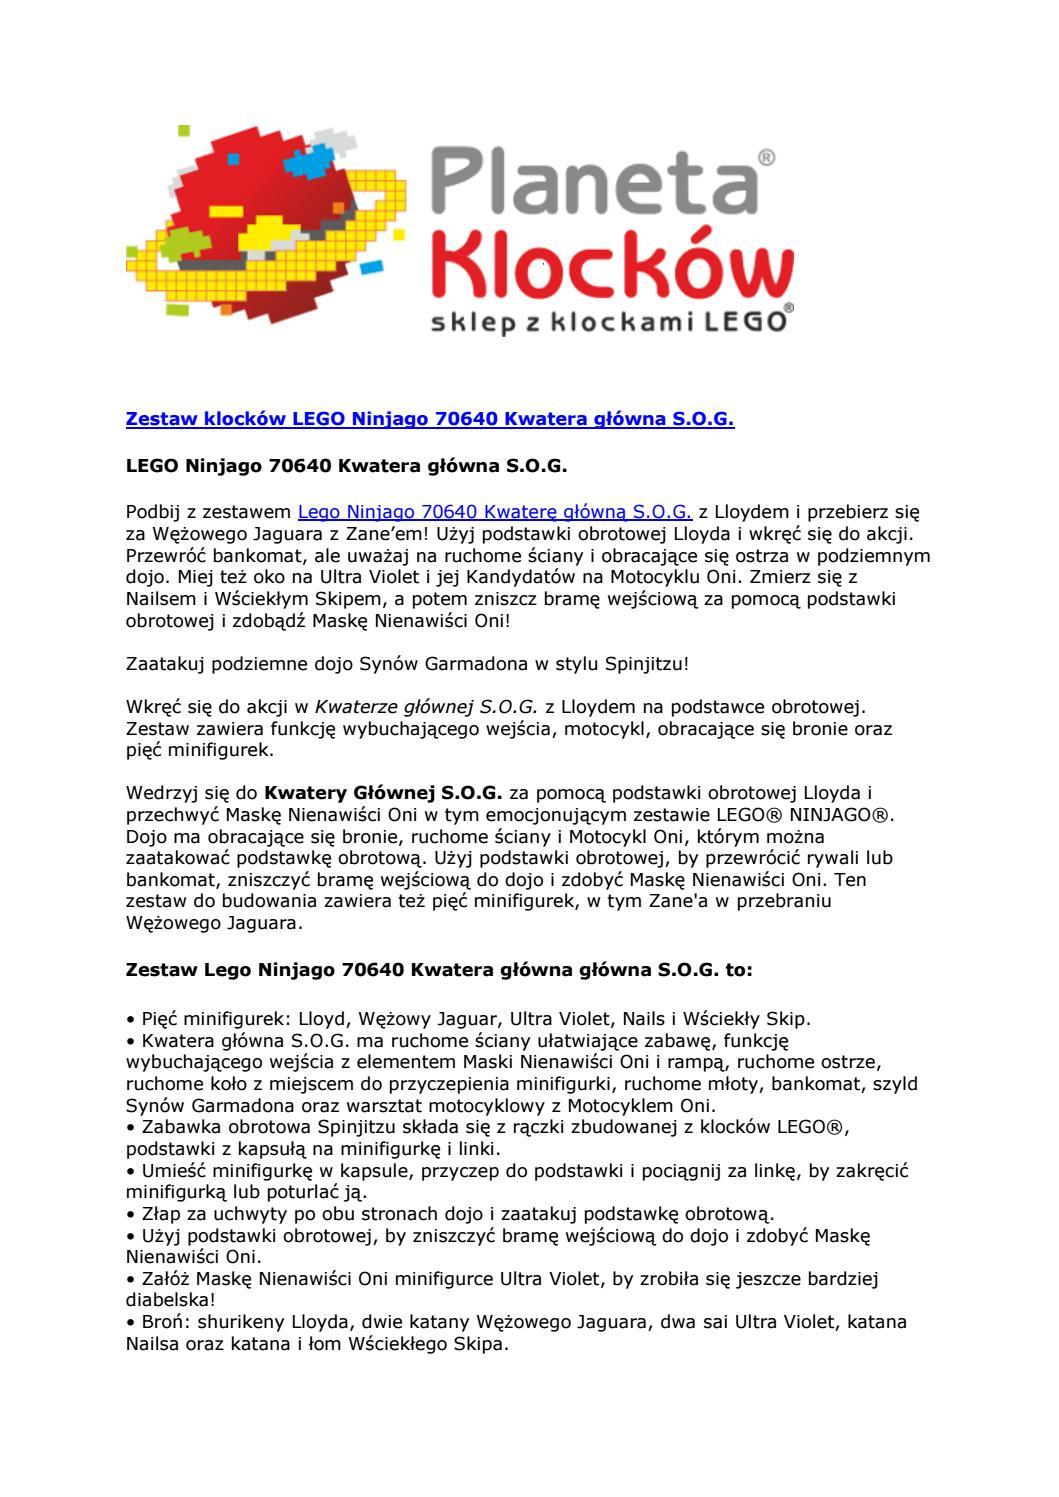 Zestaw Klocków Lego Ninjago 70640 Kwatera Główna S O G By Planeta